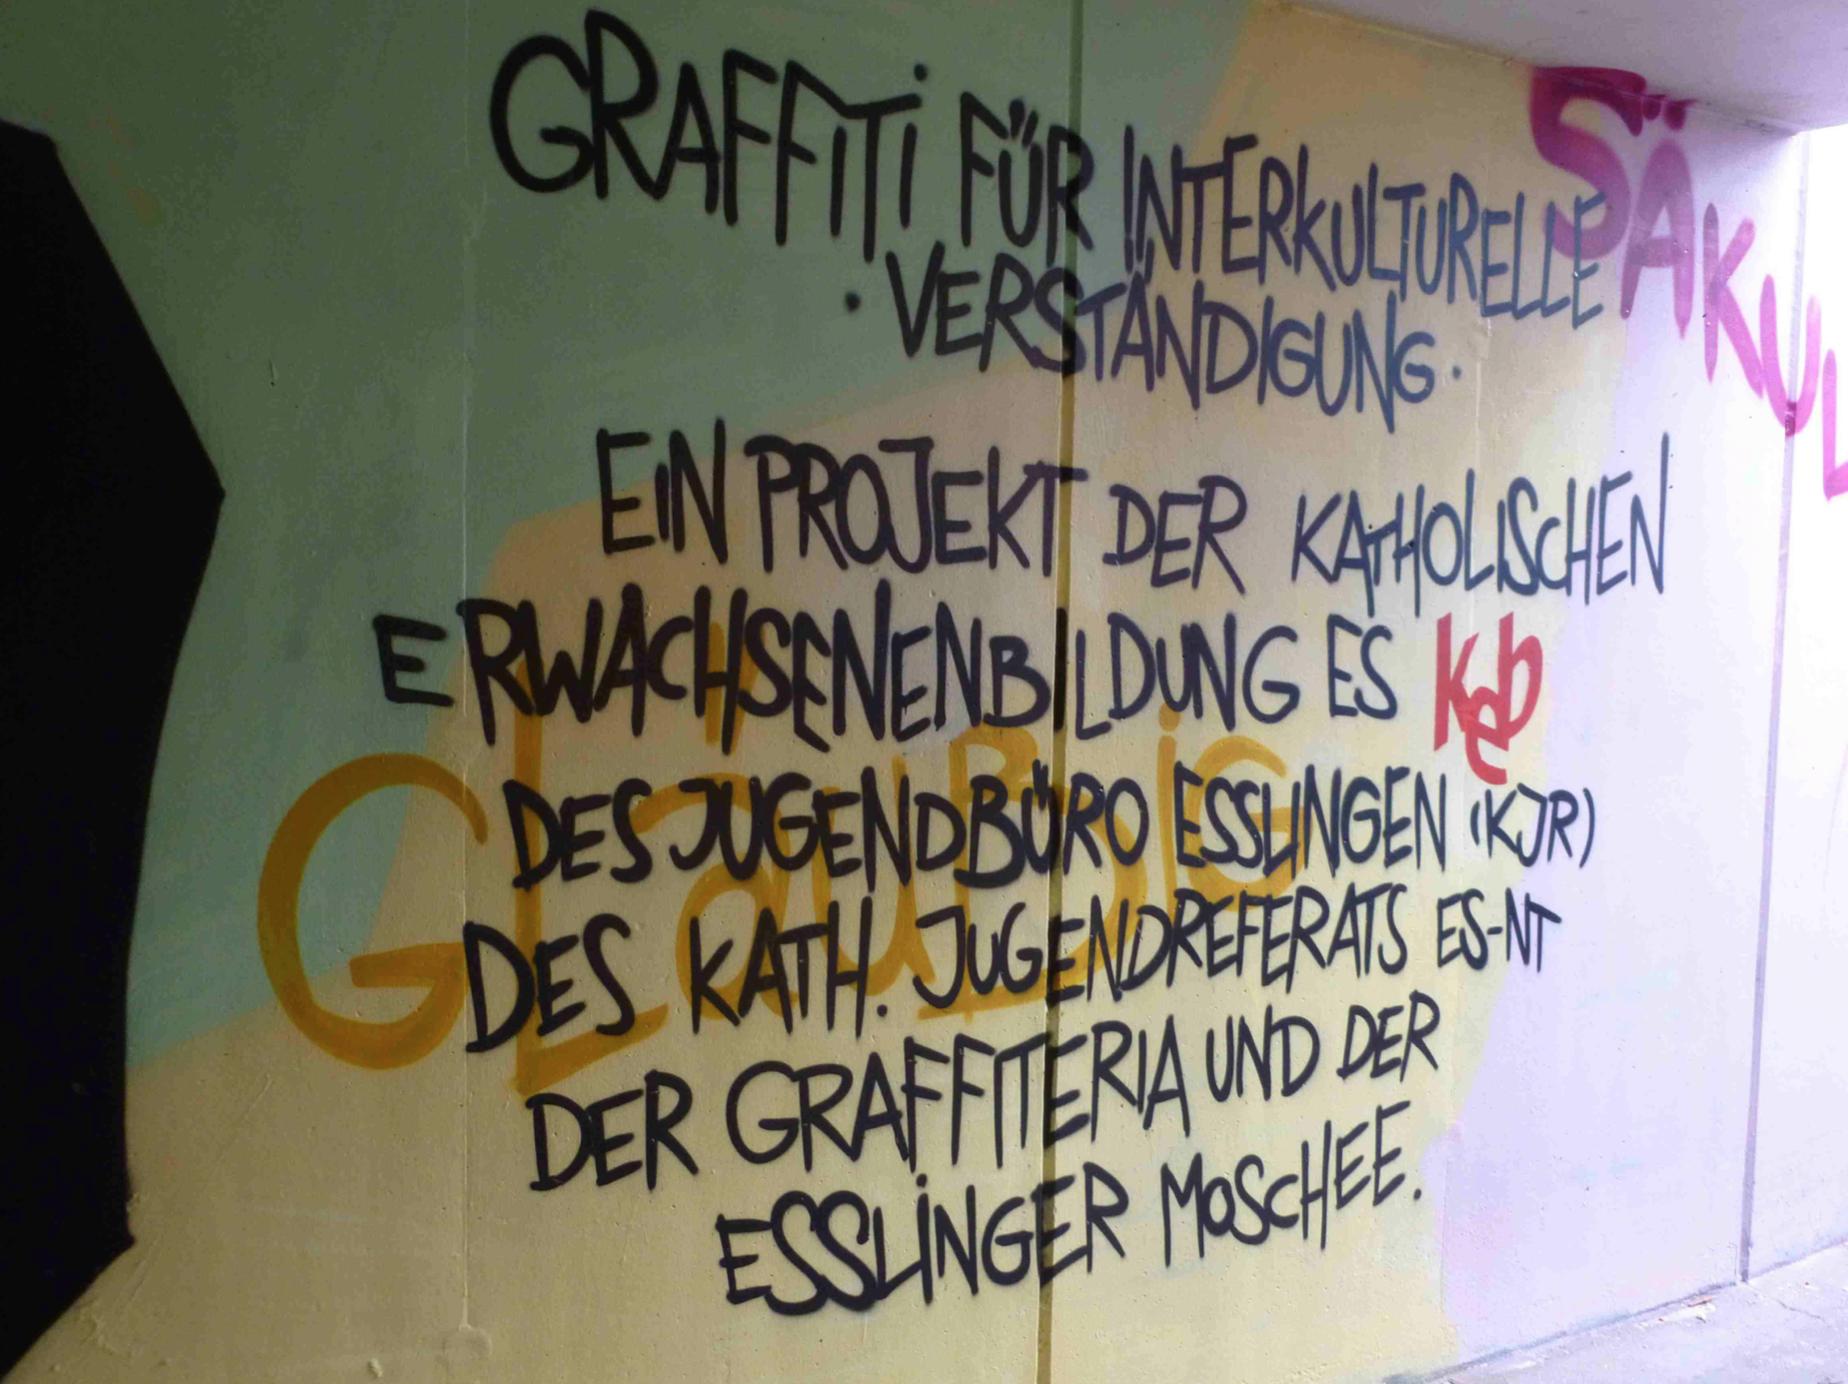 Graffiti für interkulturelles Verständnis